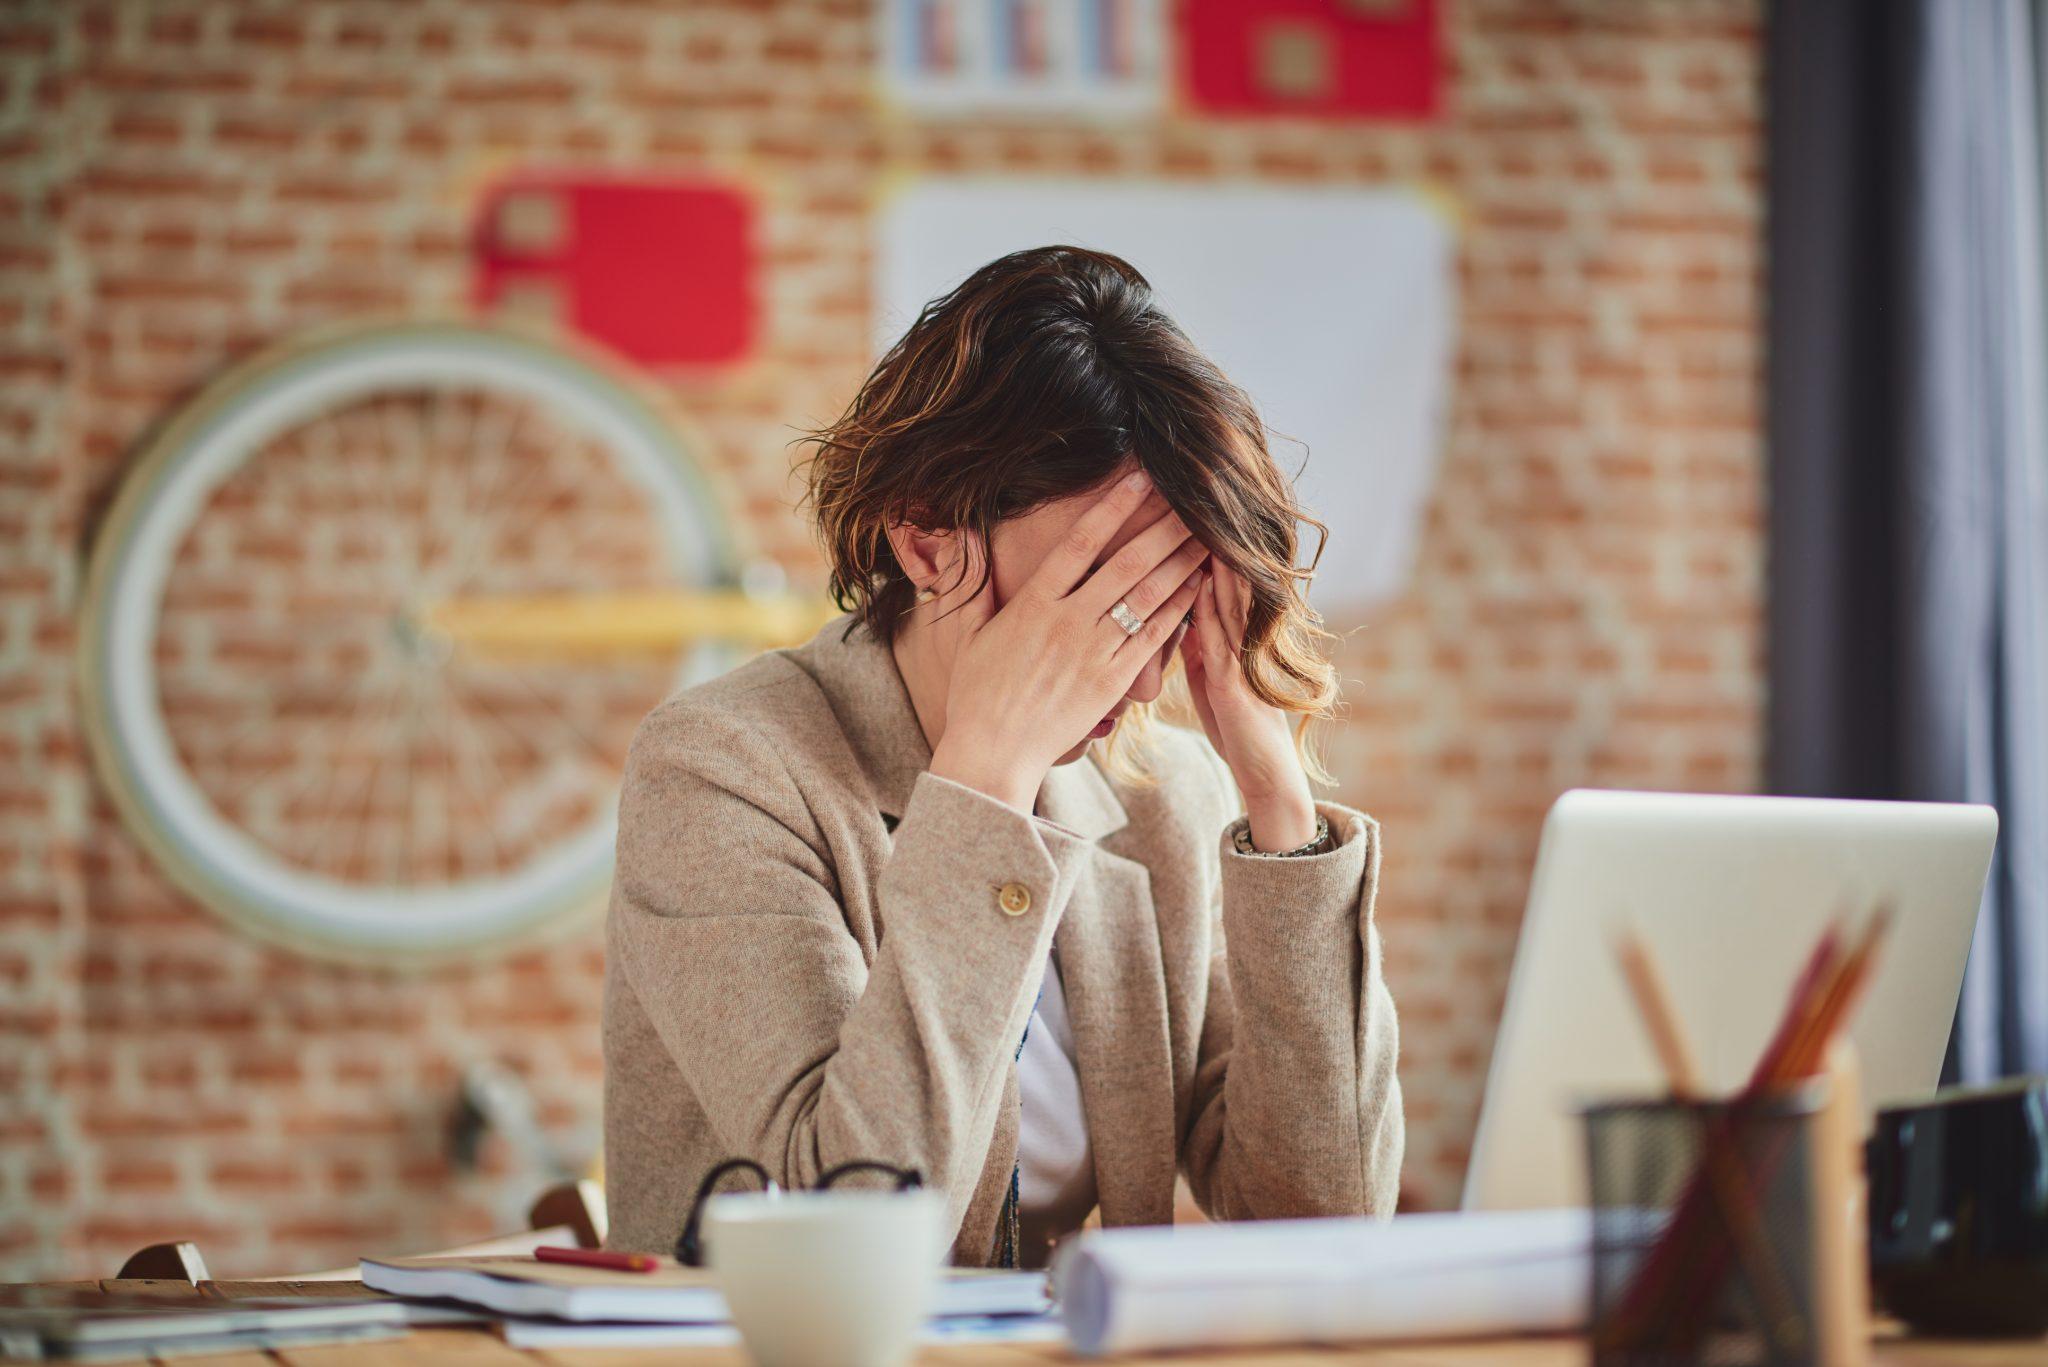 stresul cauzeaza obezitate